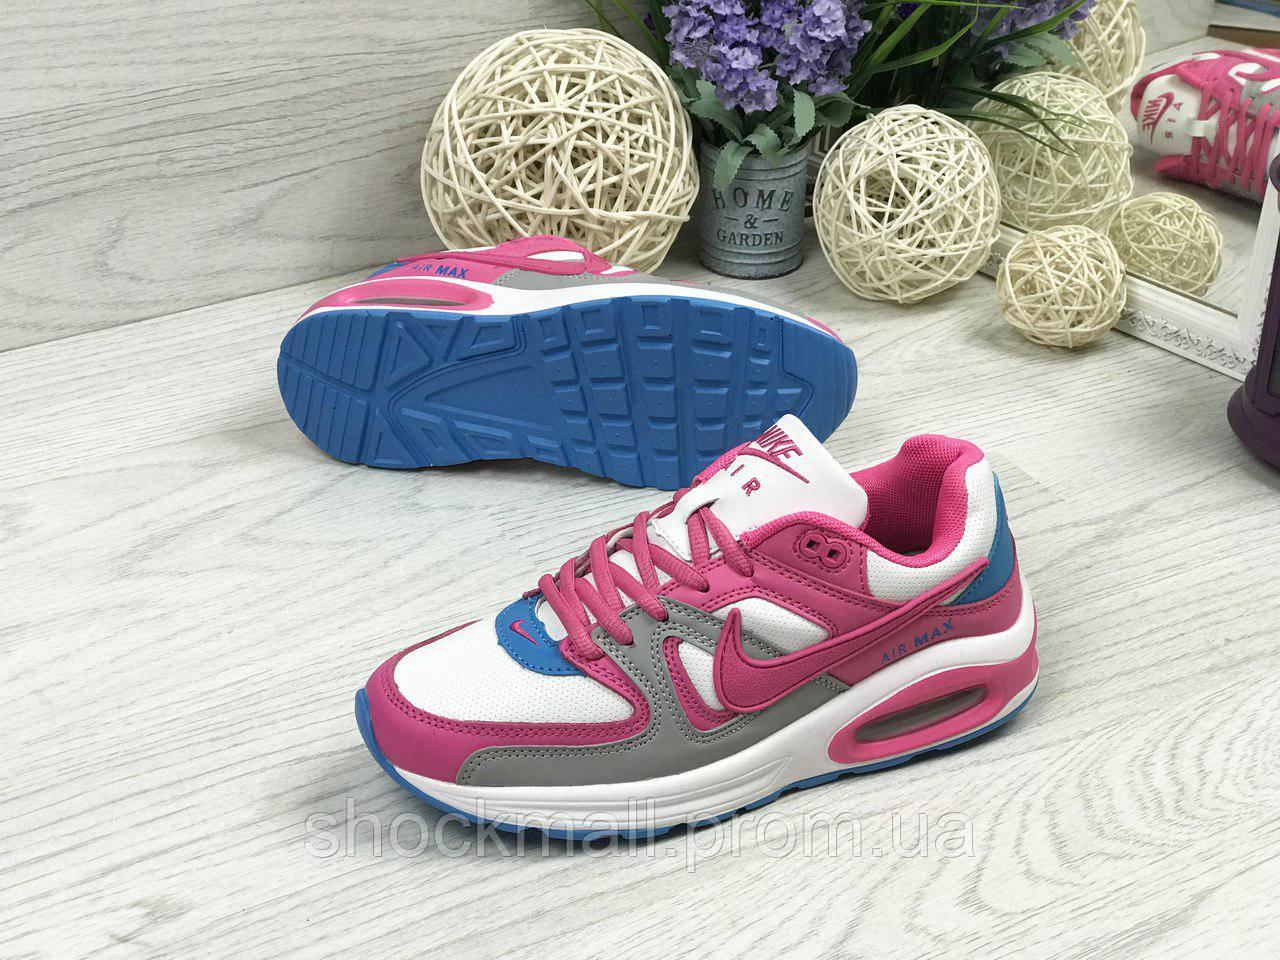 Купить Женские кроссовки Nike Air Max цветные Вьетнам недорого ... 50a5e4f283f